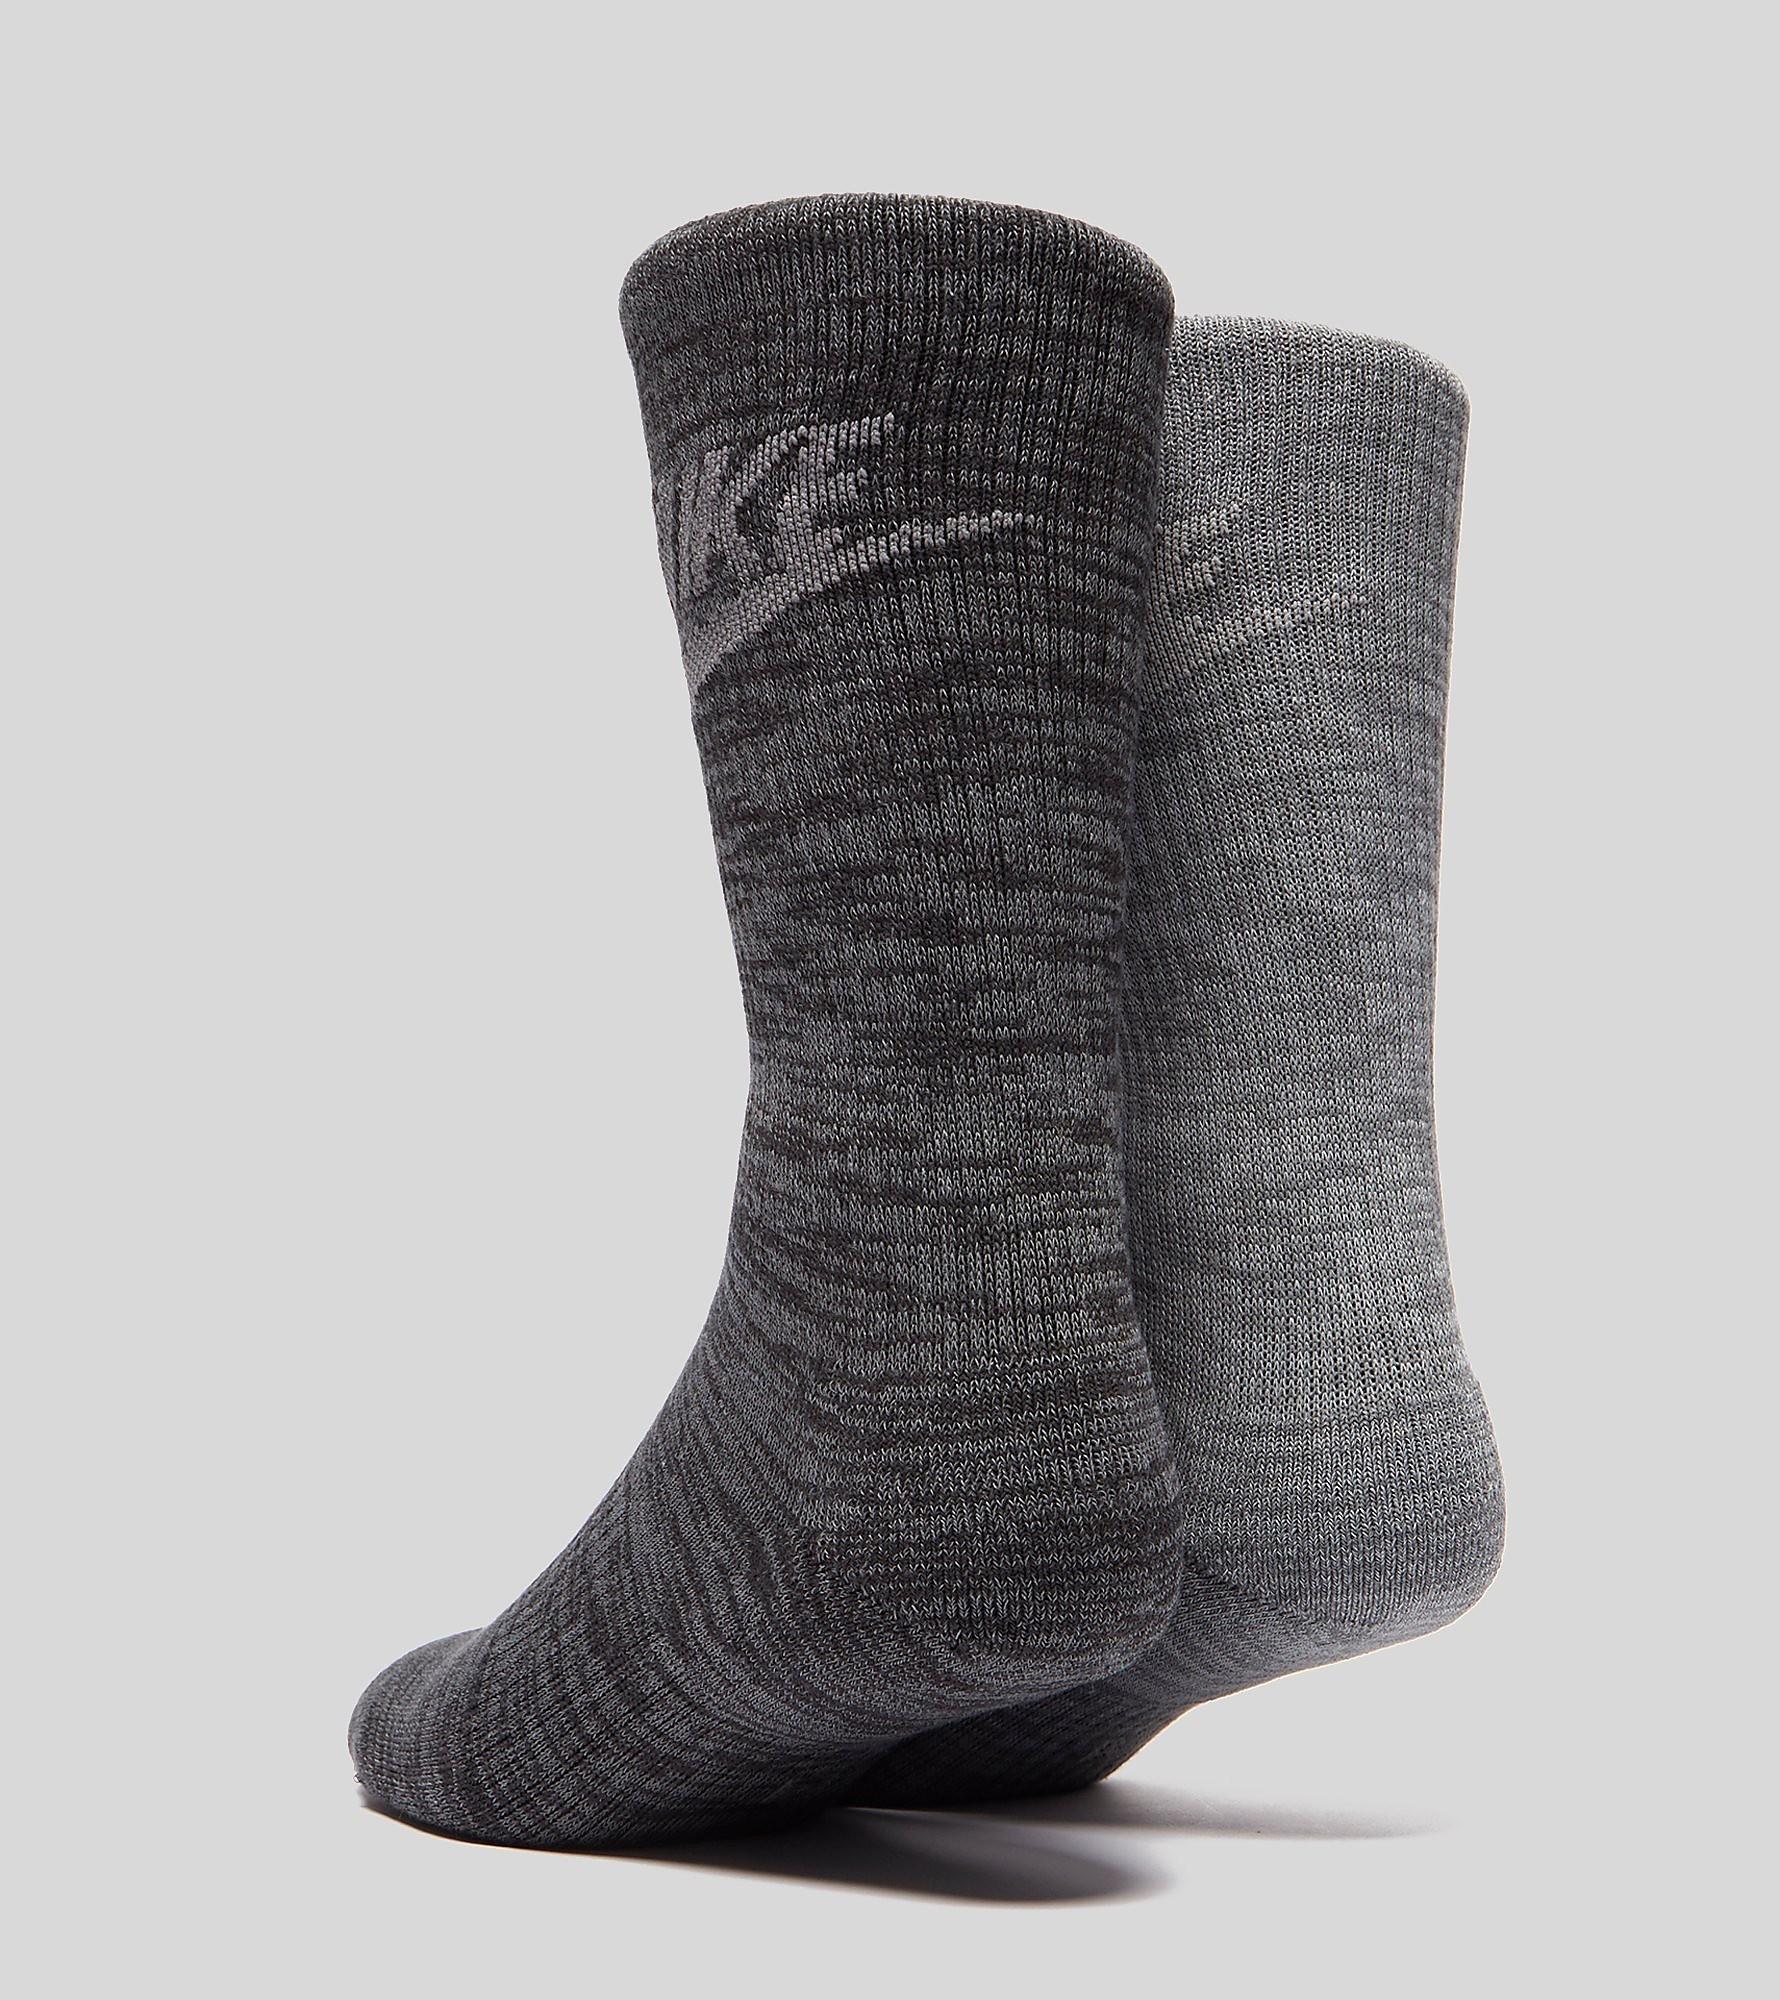 Nike Advance Crew Socks Two Pack